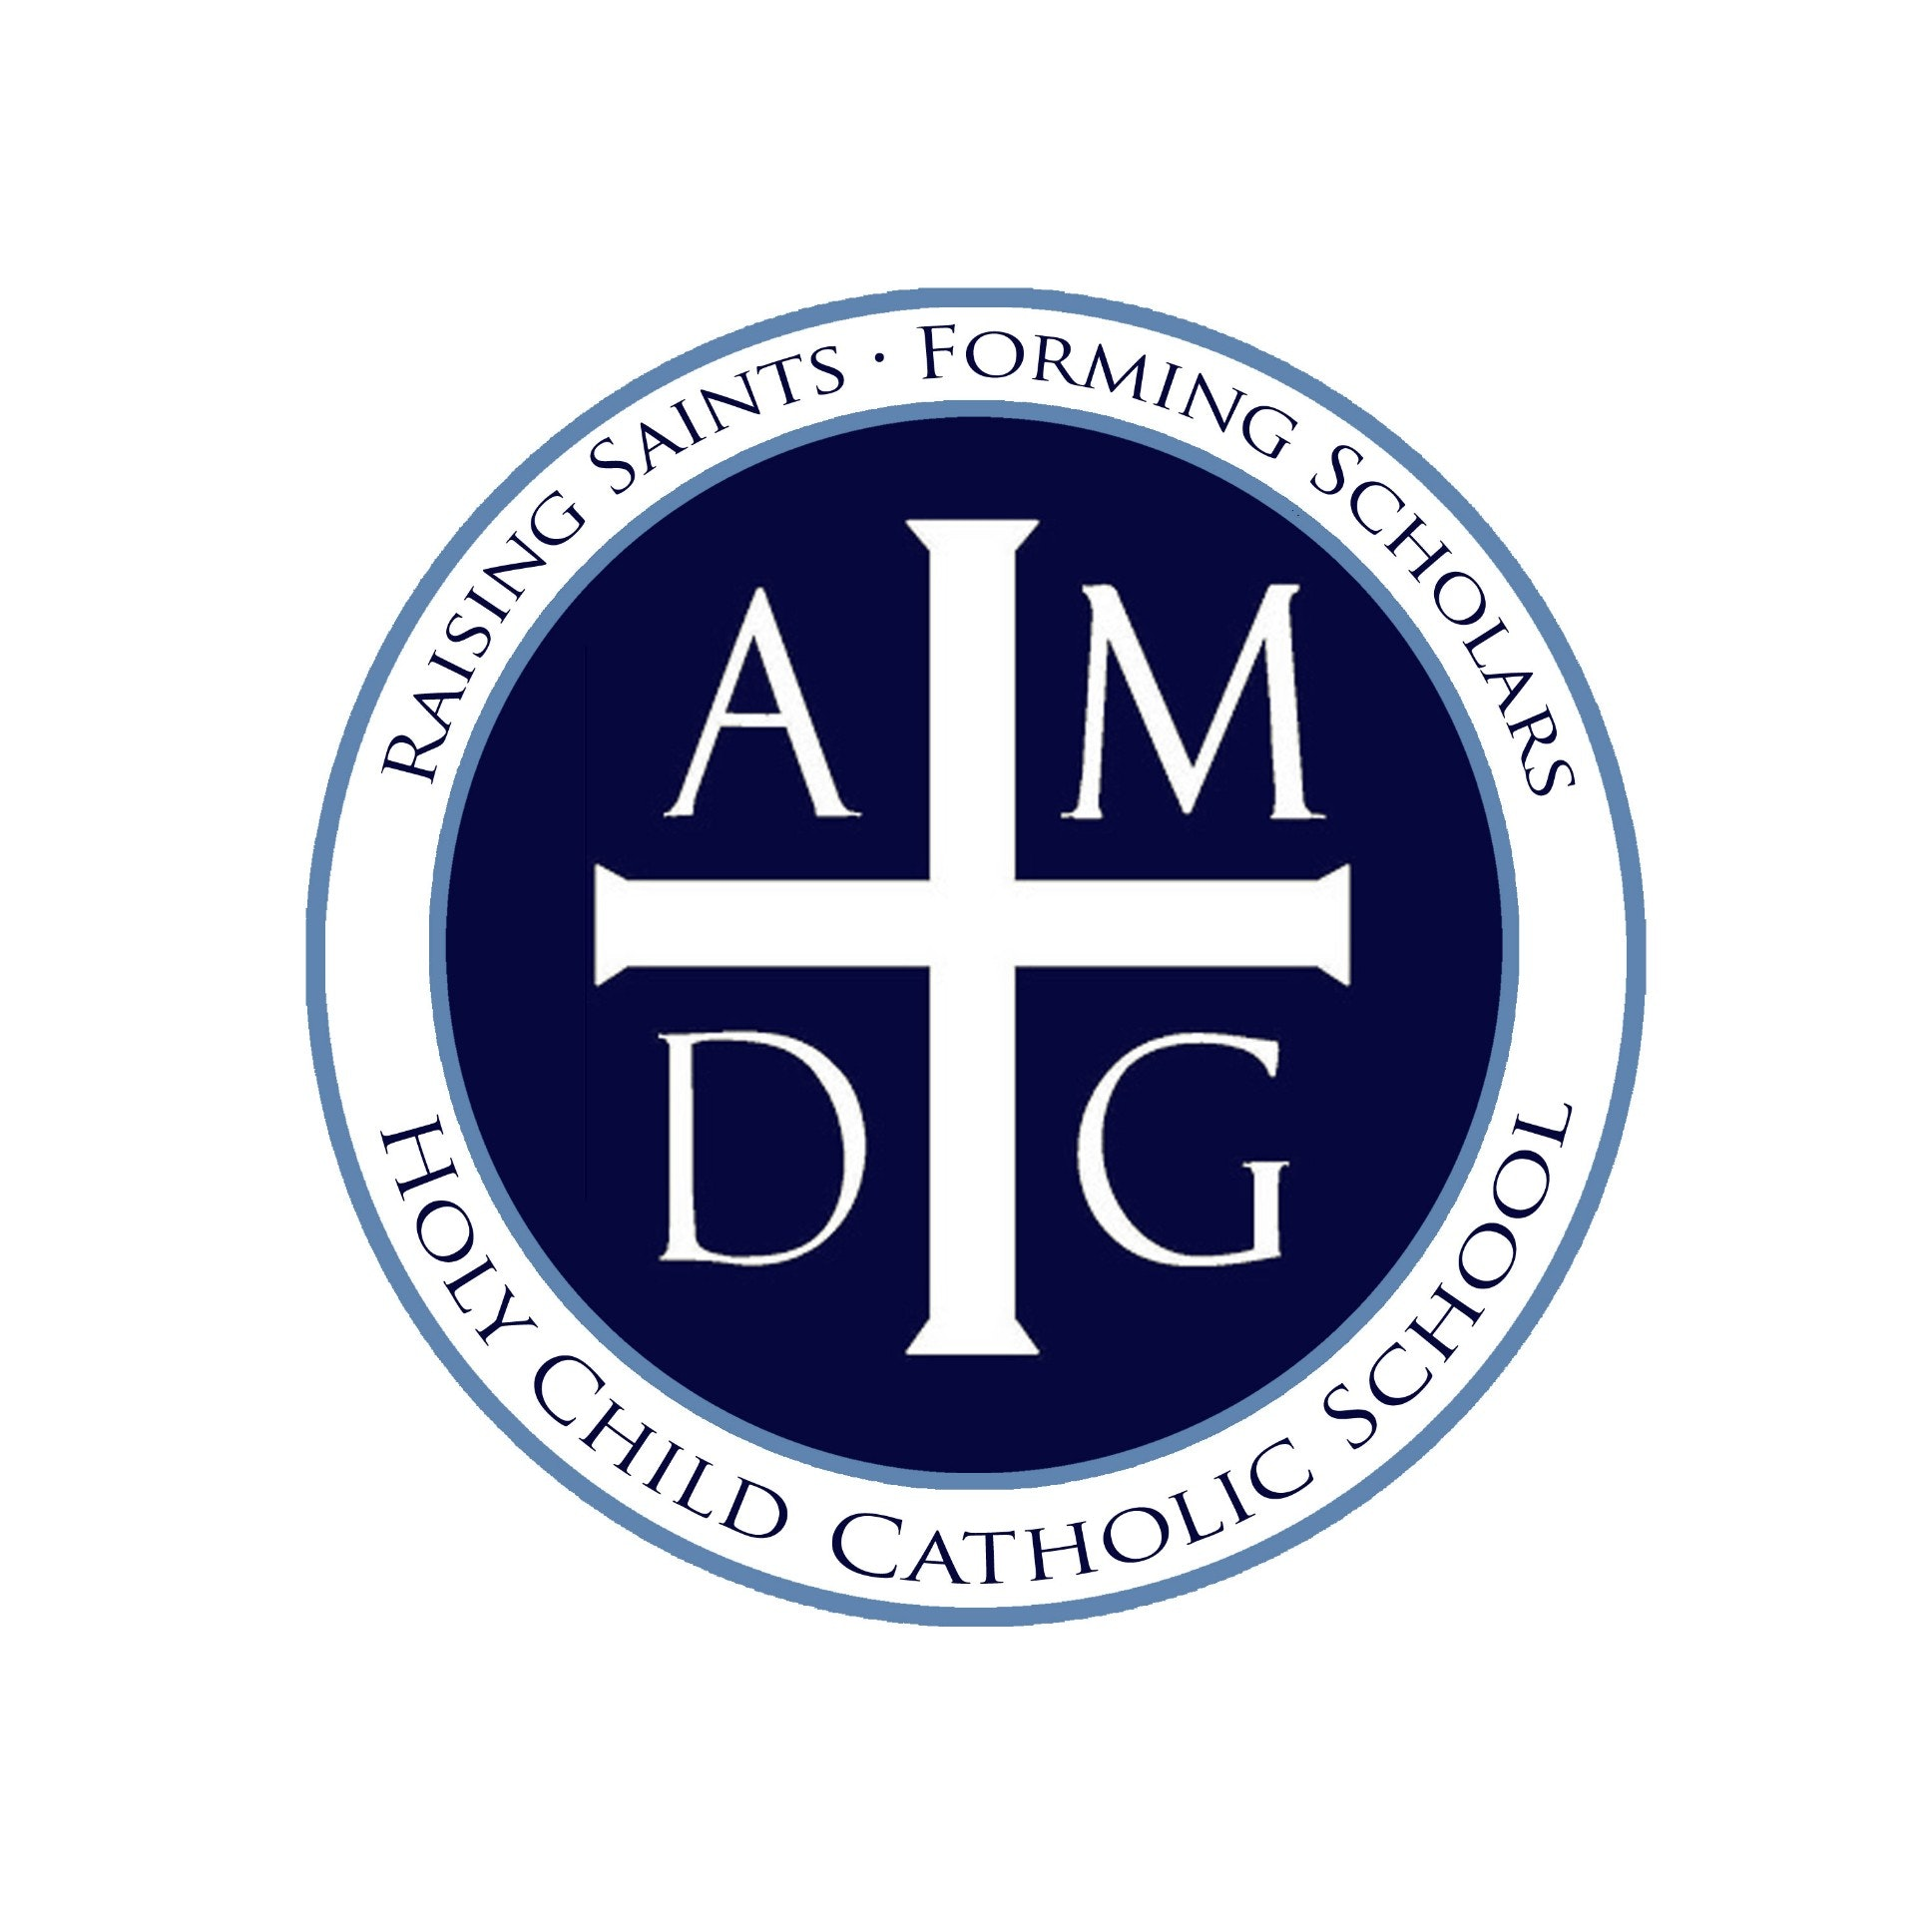 Holy Child Catholic School